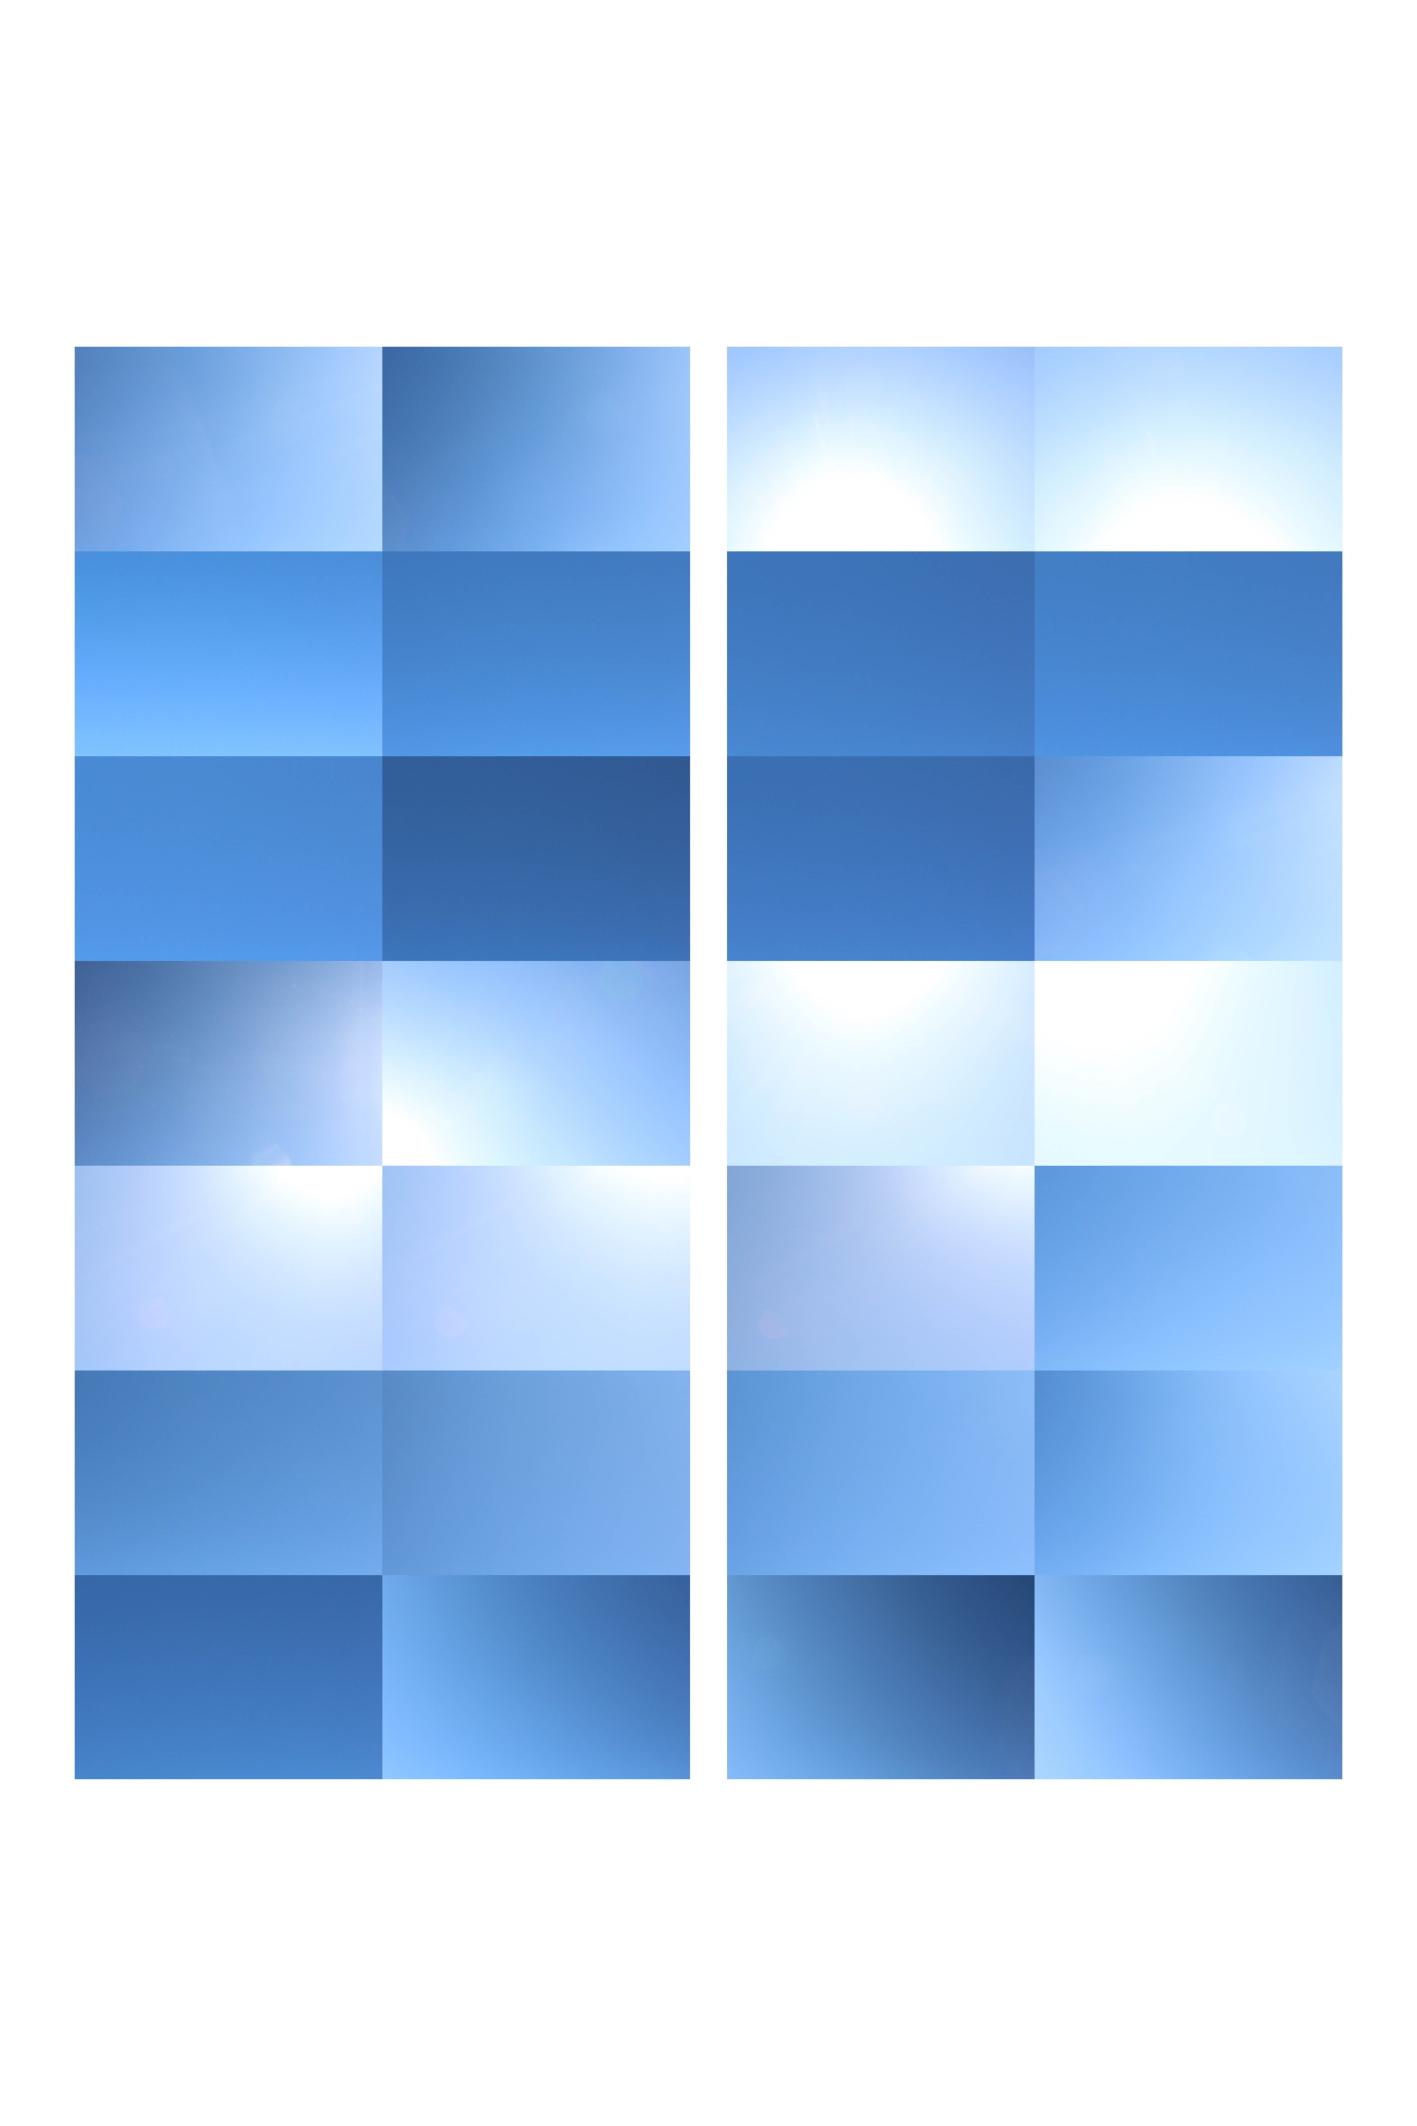 Markus Feiler - SKY BLUE 12_Künstler_artist_Kunst_art